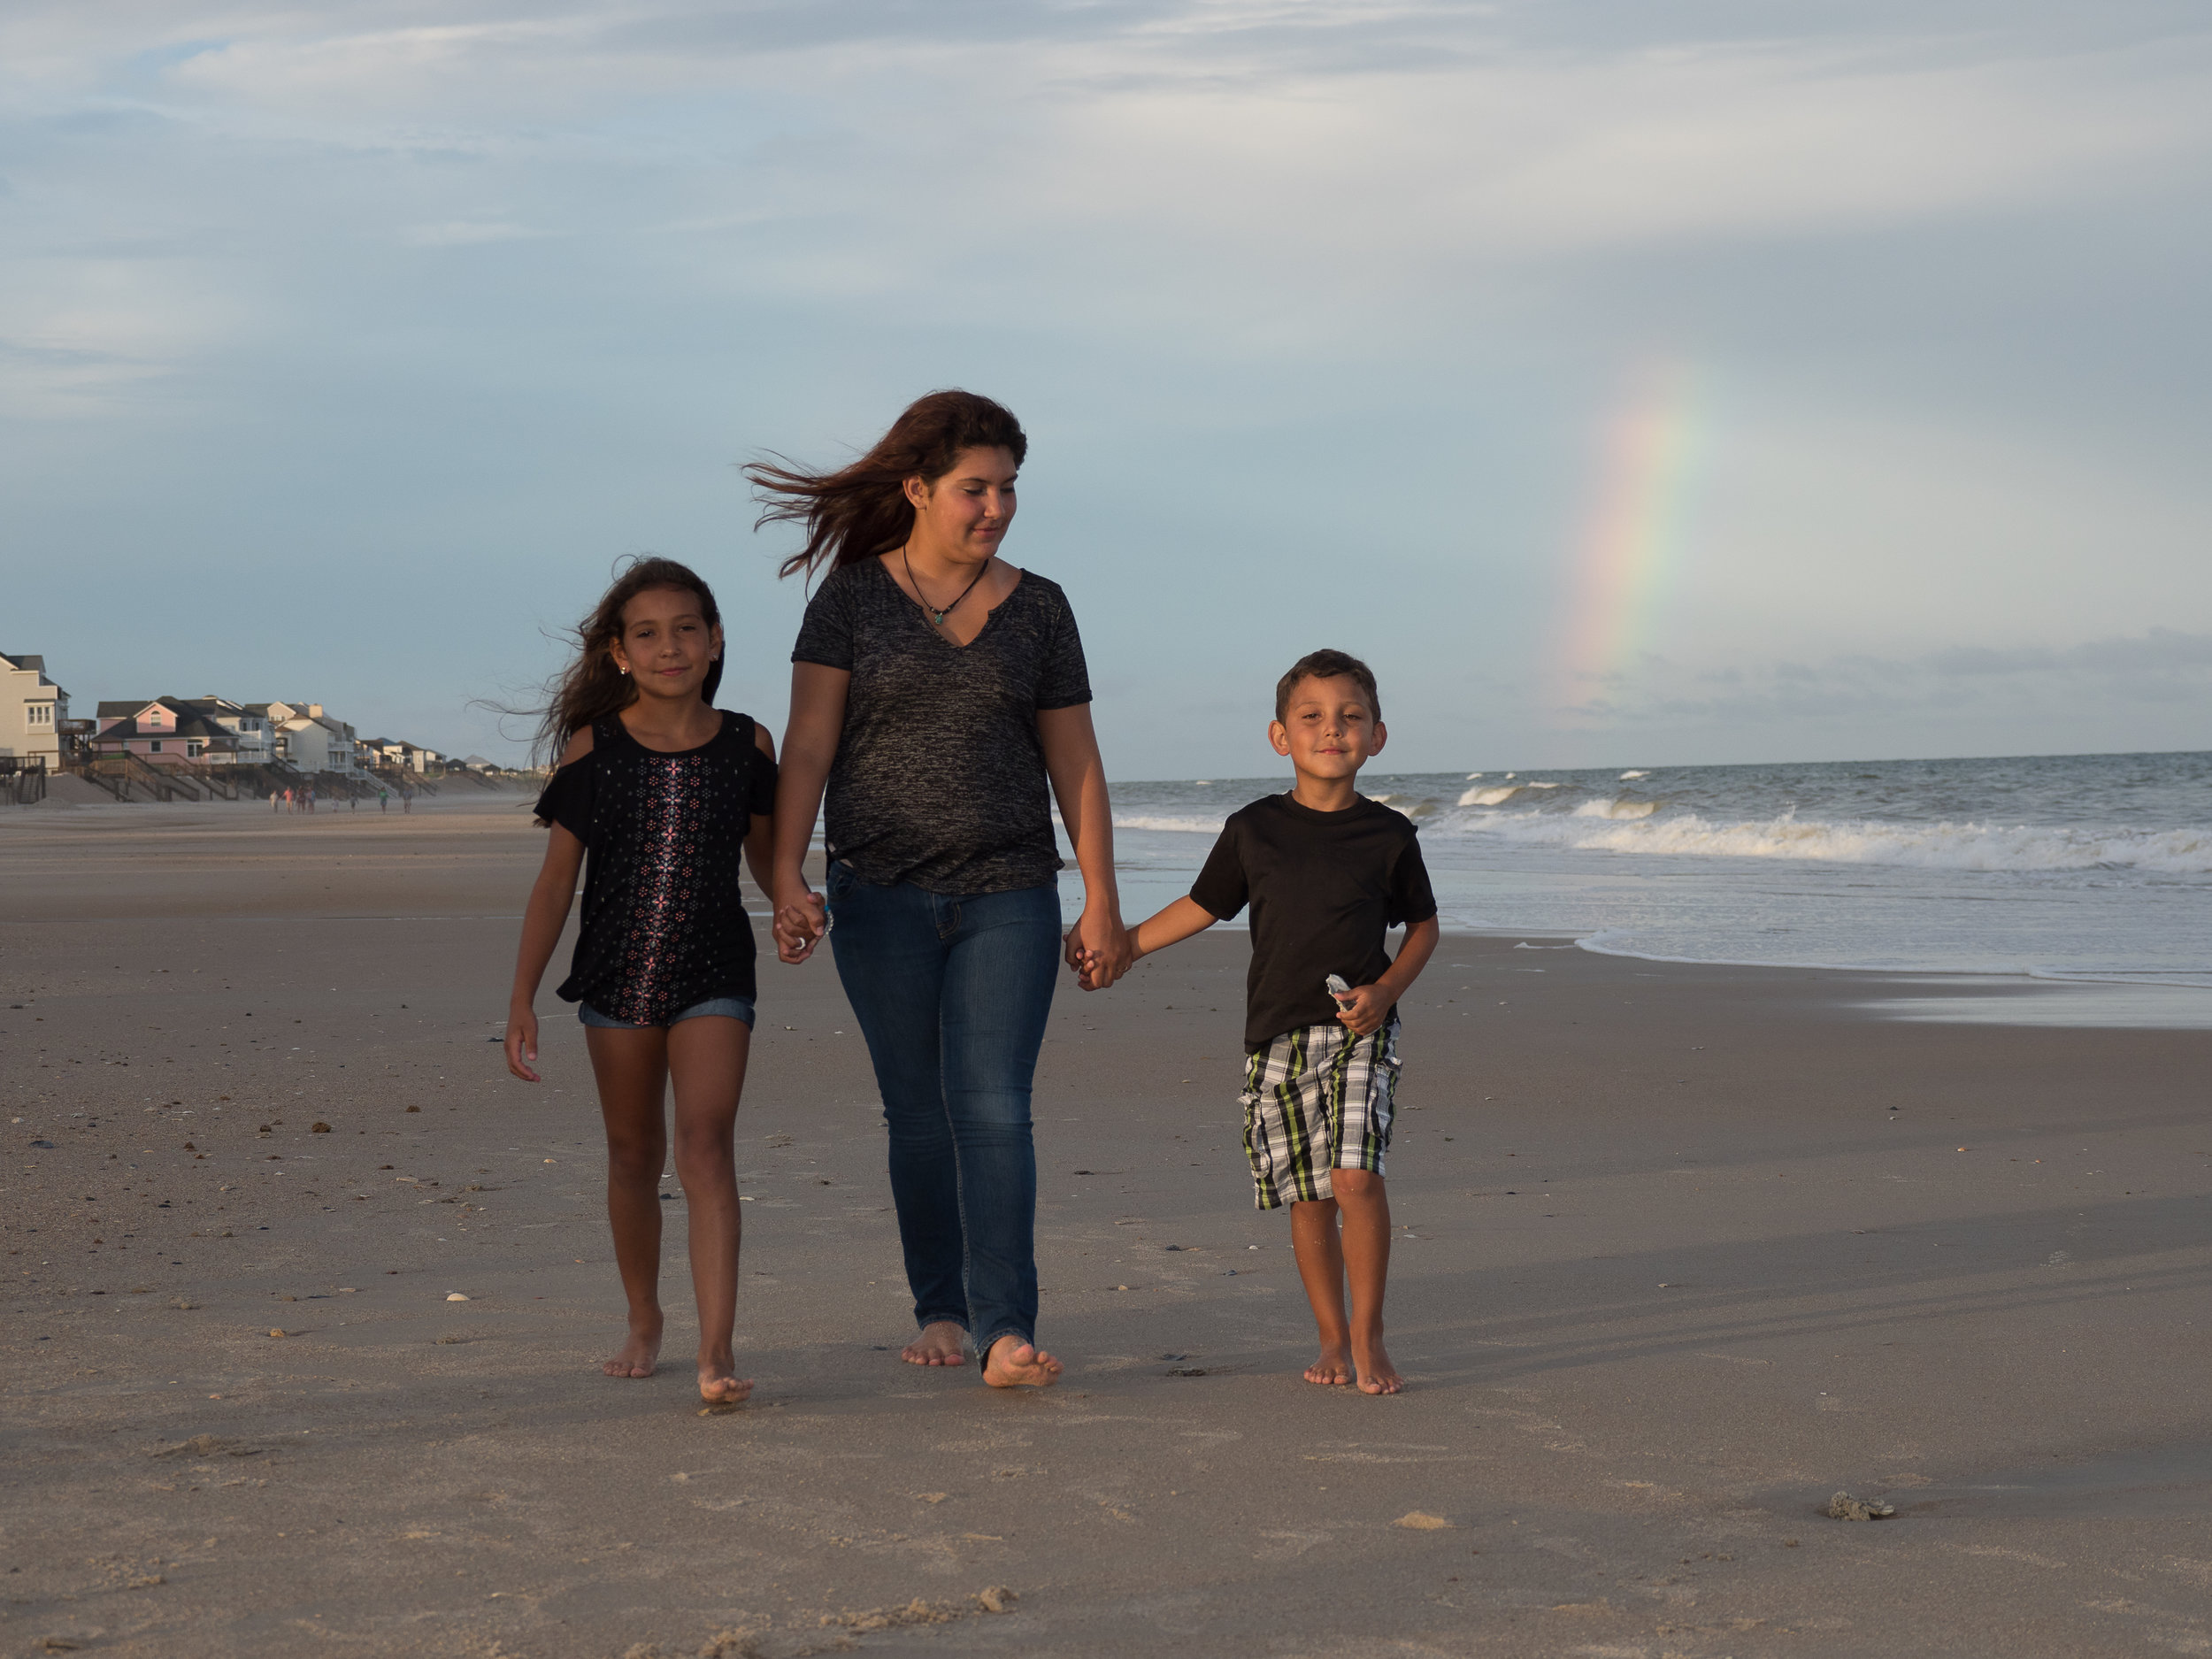 - Kids walking on beach. Topsail Beach, NC.